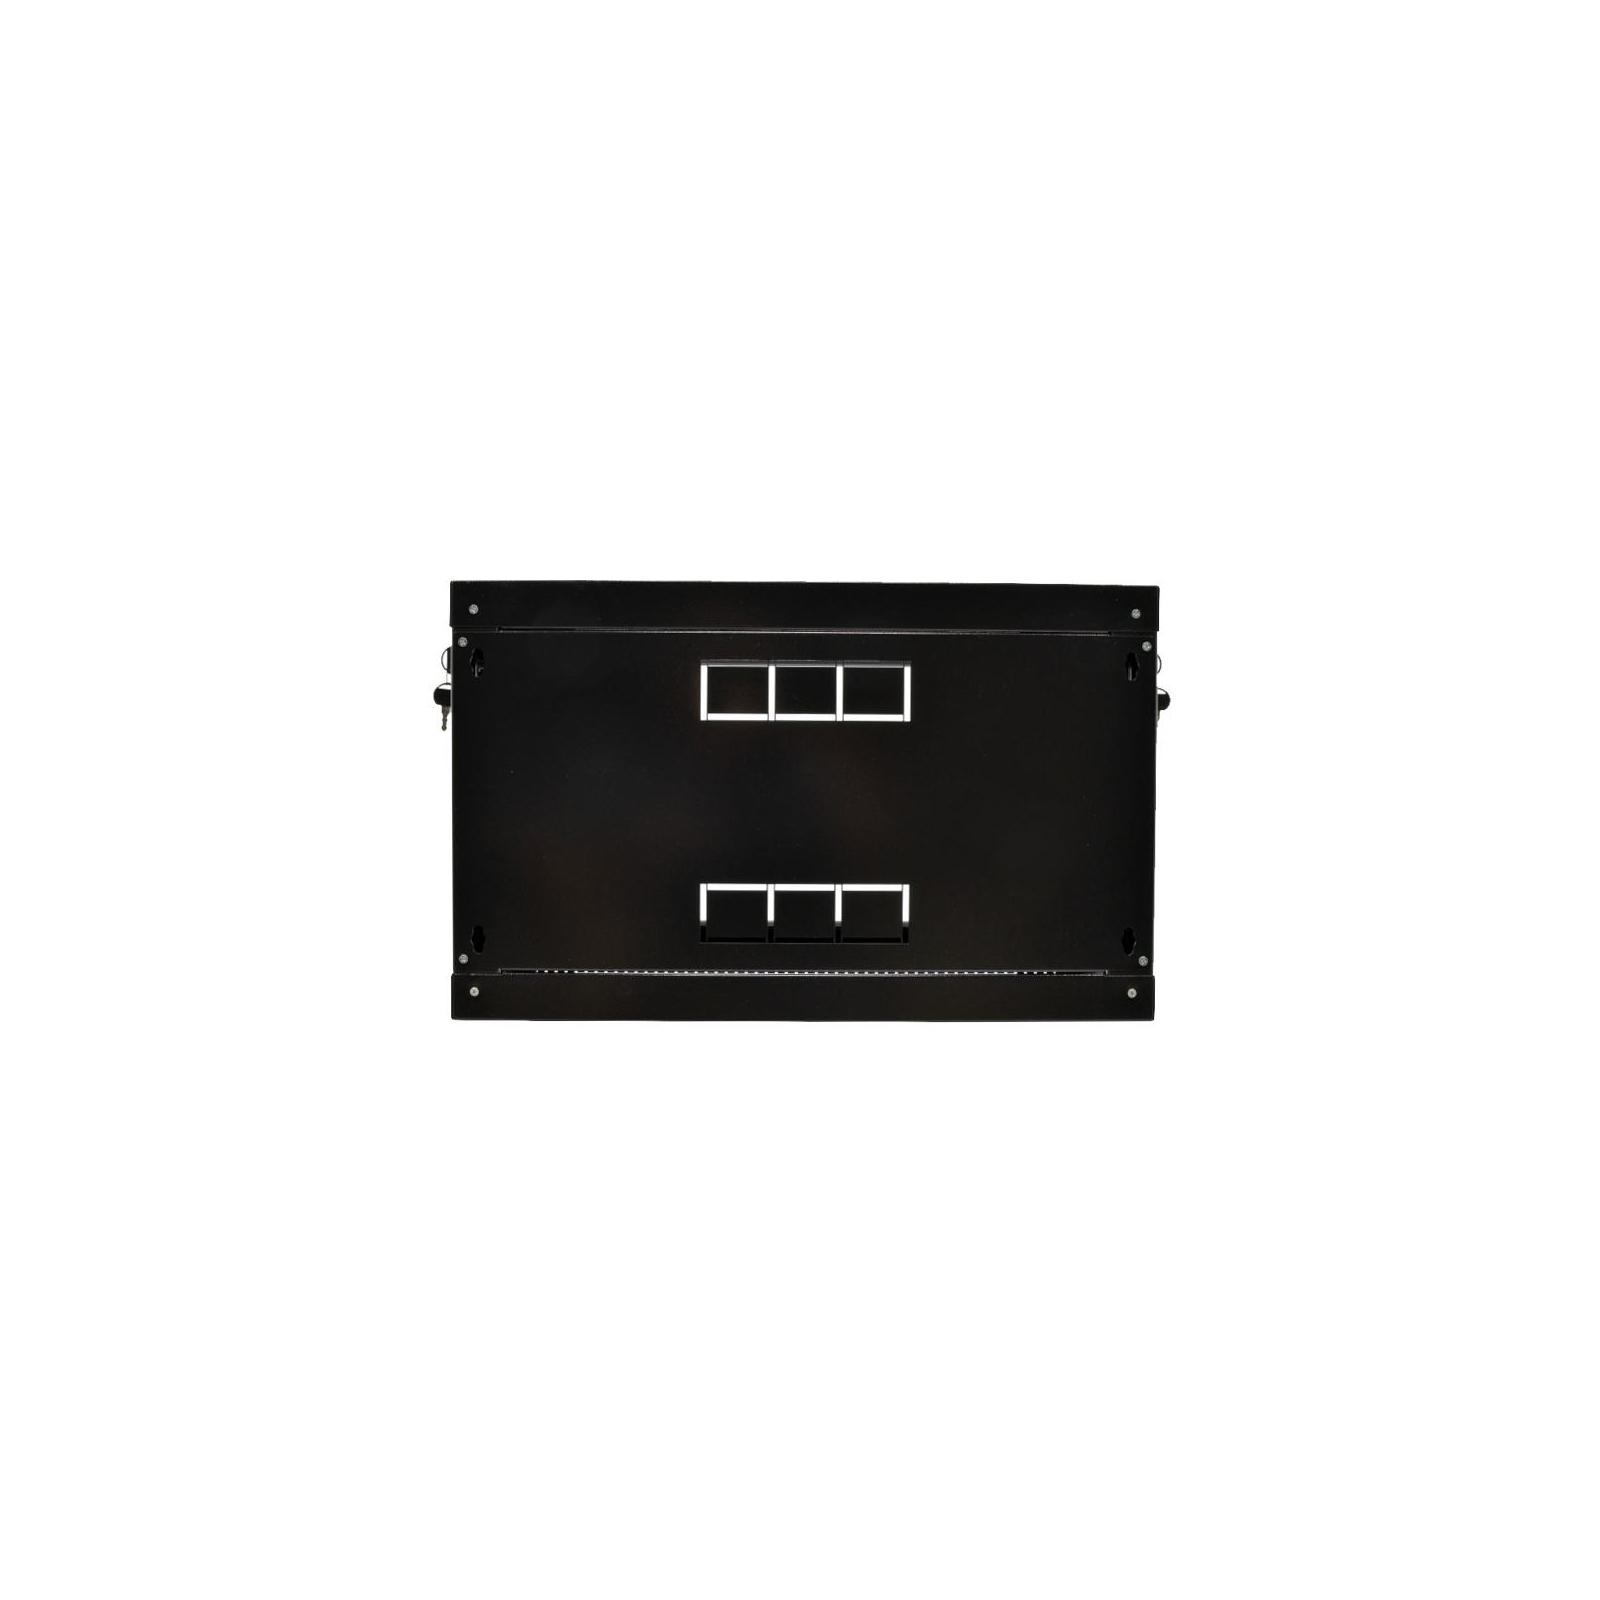 Шкаф настенный CMS 6U 600*350*373mm (UA-MGSWL635B) изображение 4